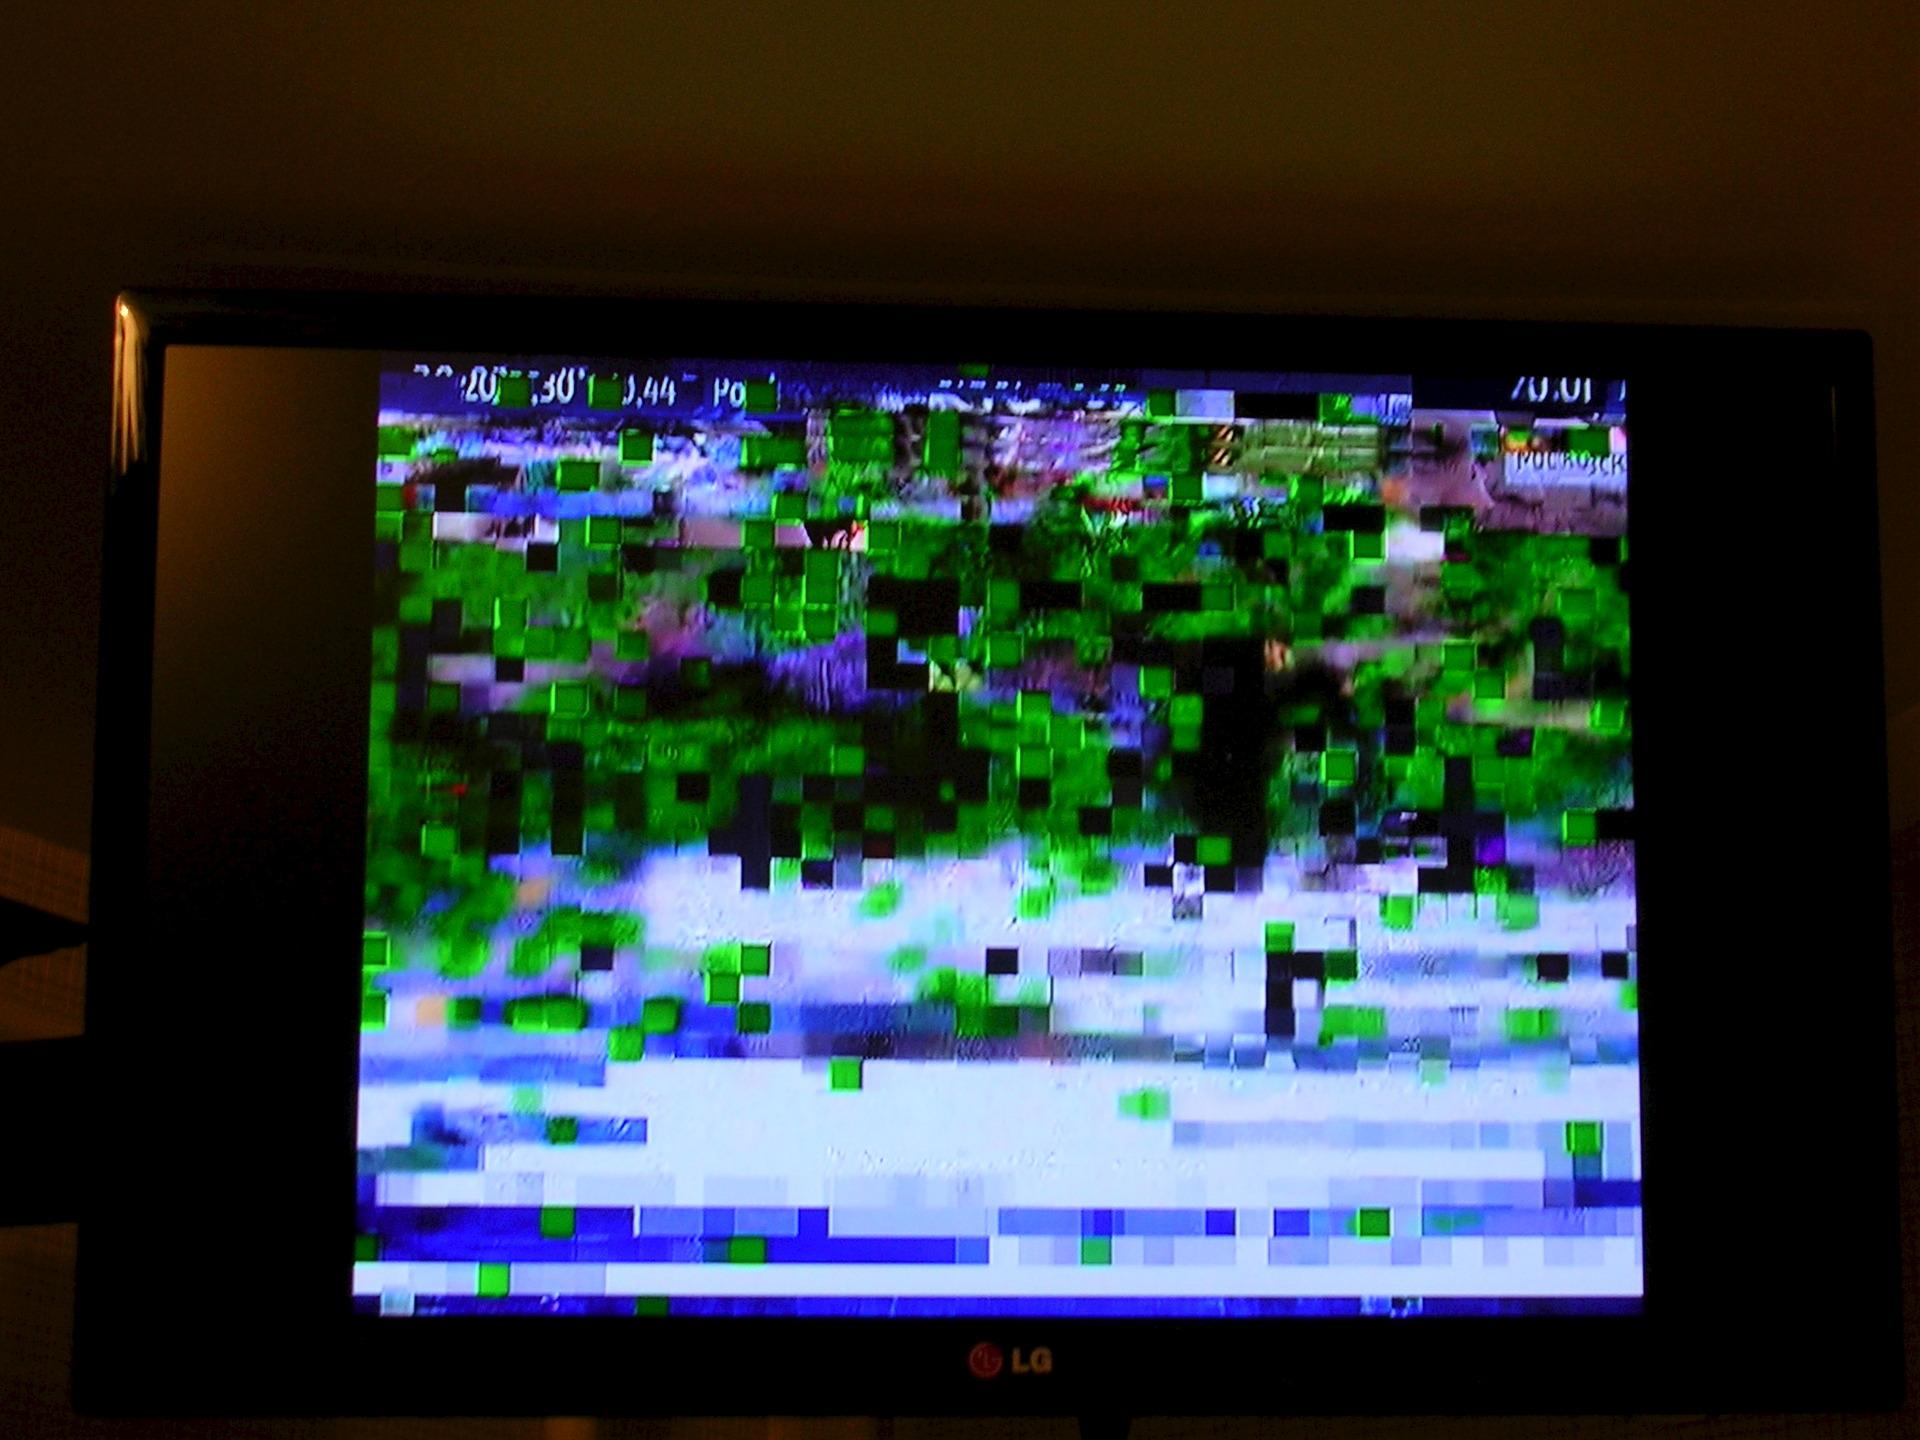 распадается картинка на телевизоре предметная